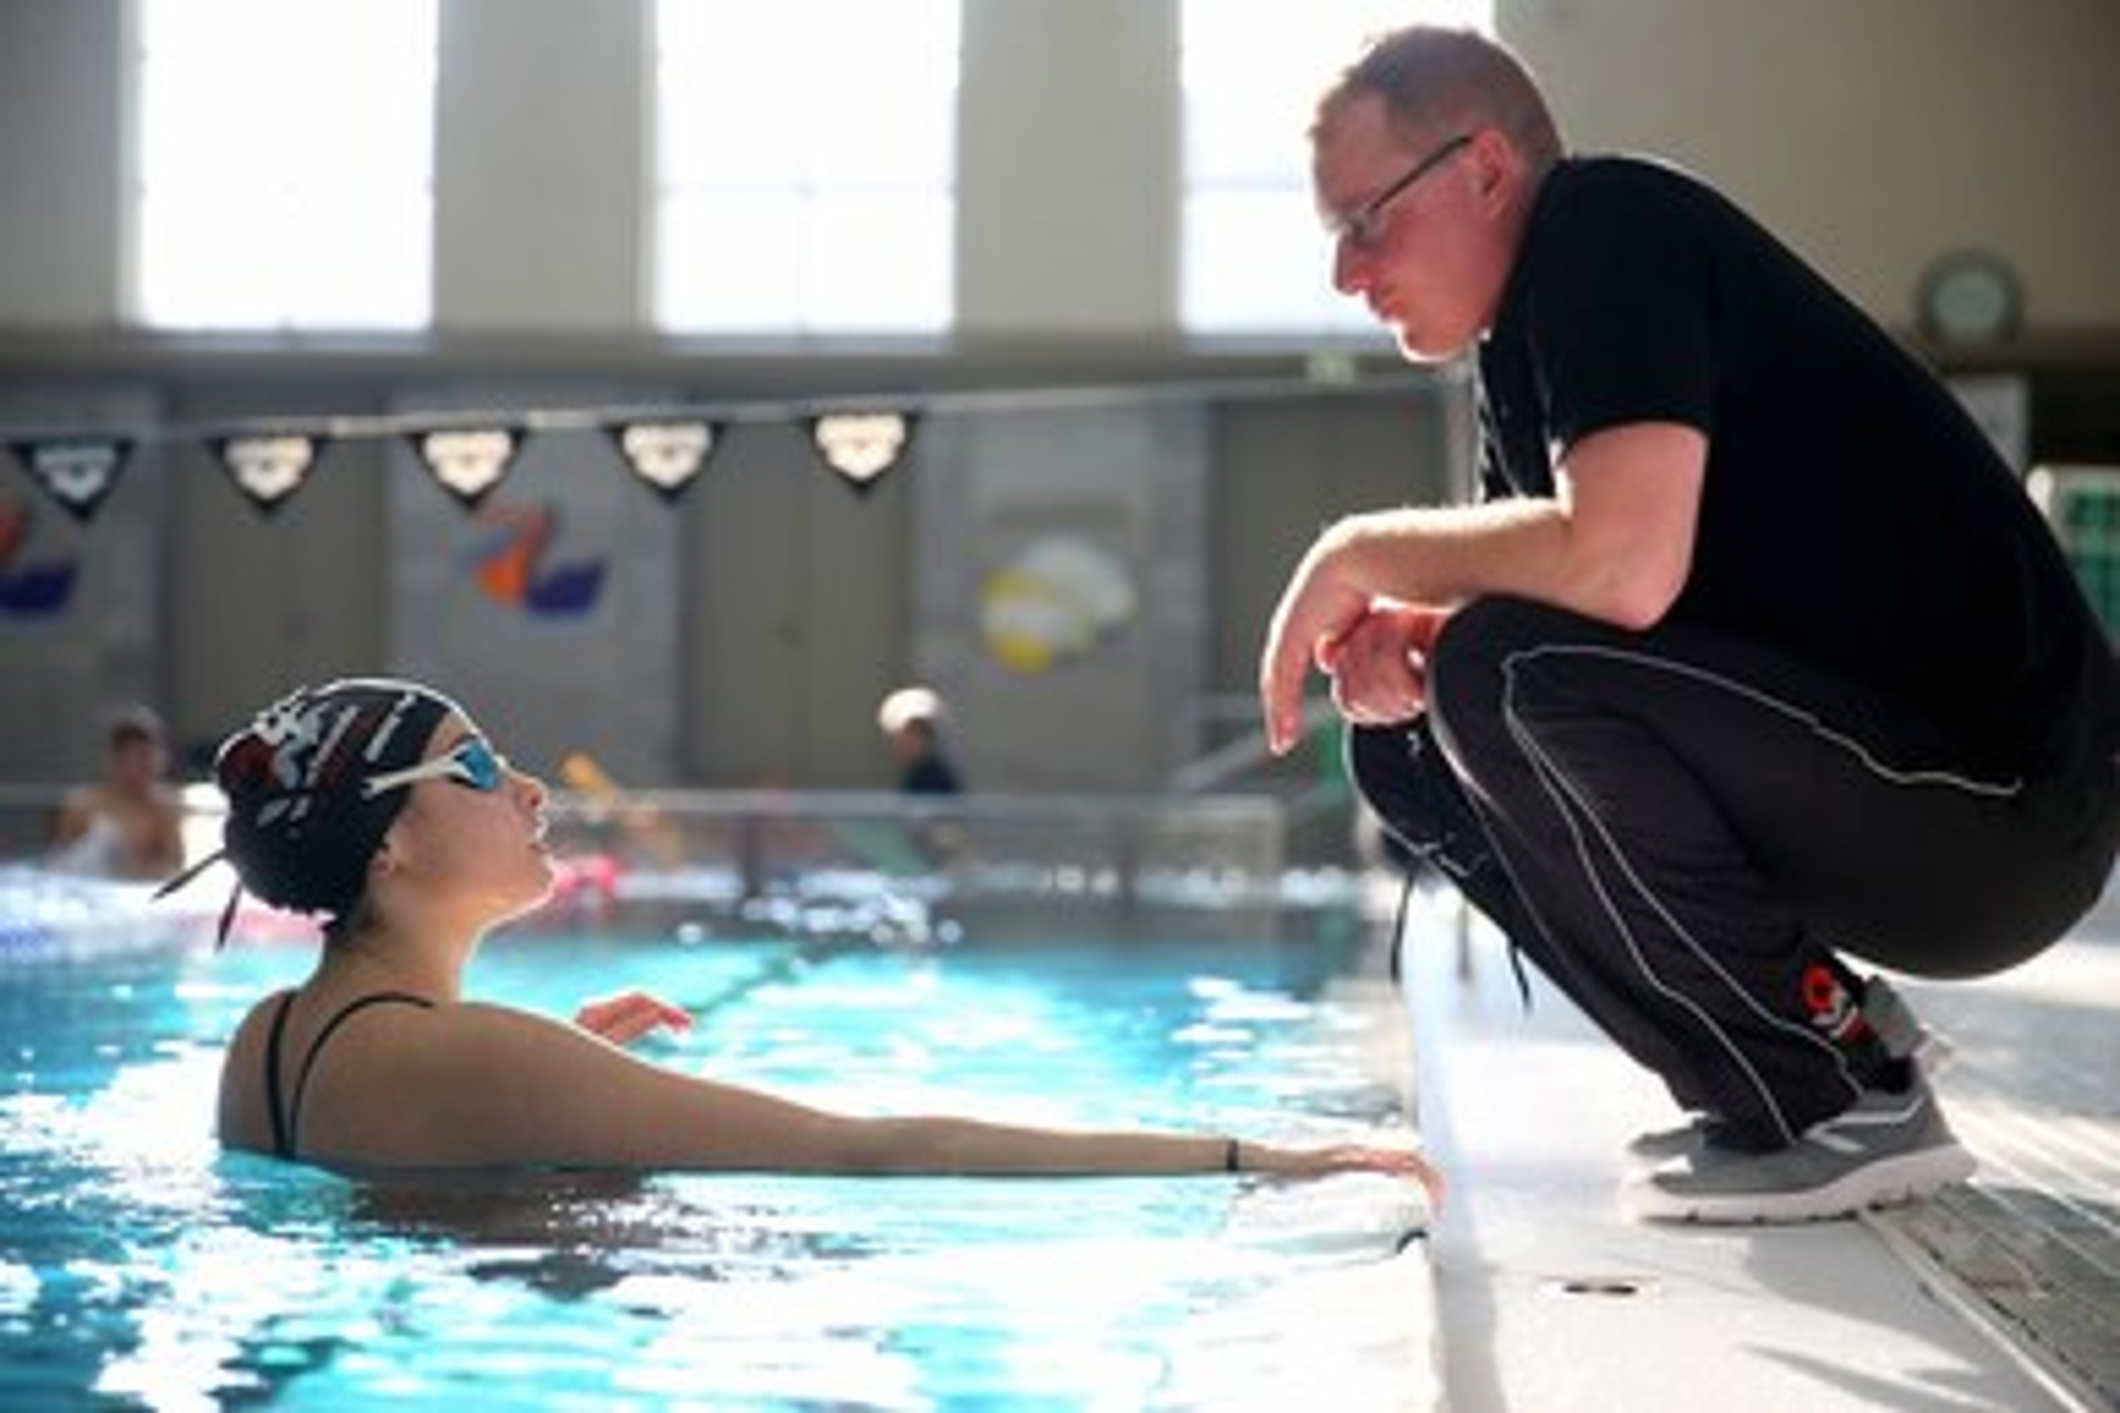 Une aventure olympique source d'inspiration pour la nageuse réfugiée Yusra Mardini